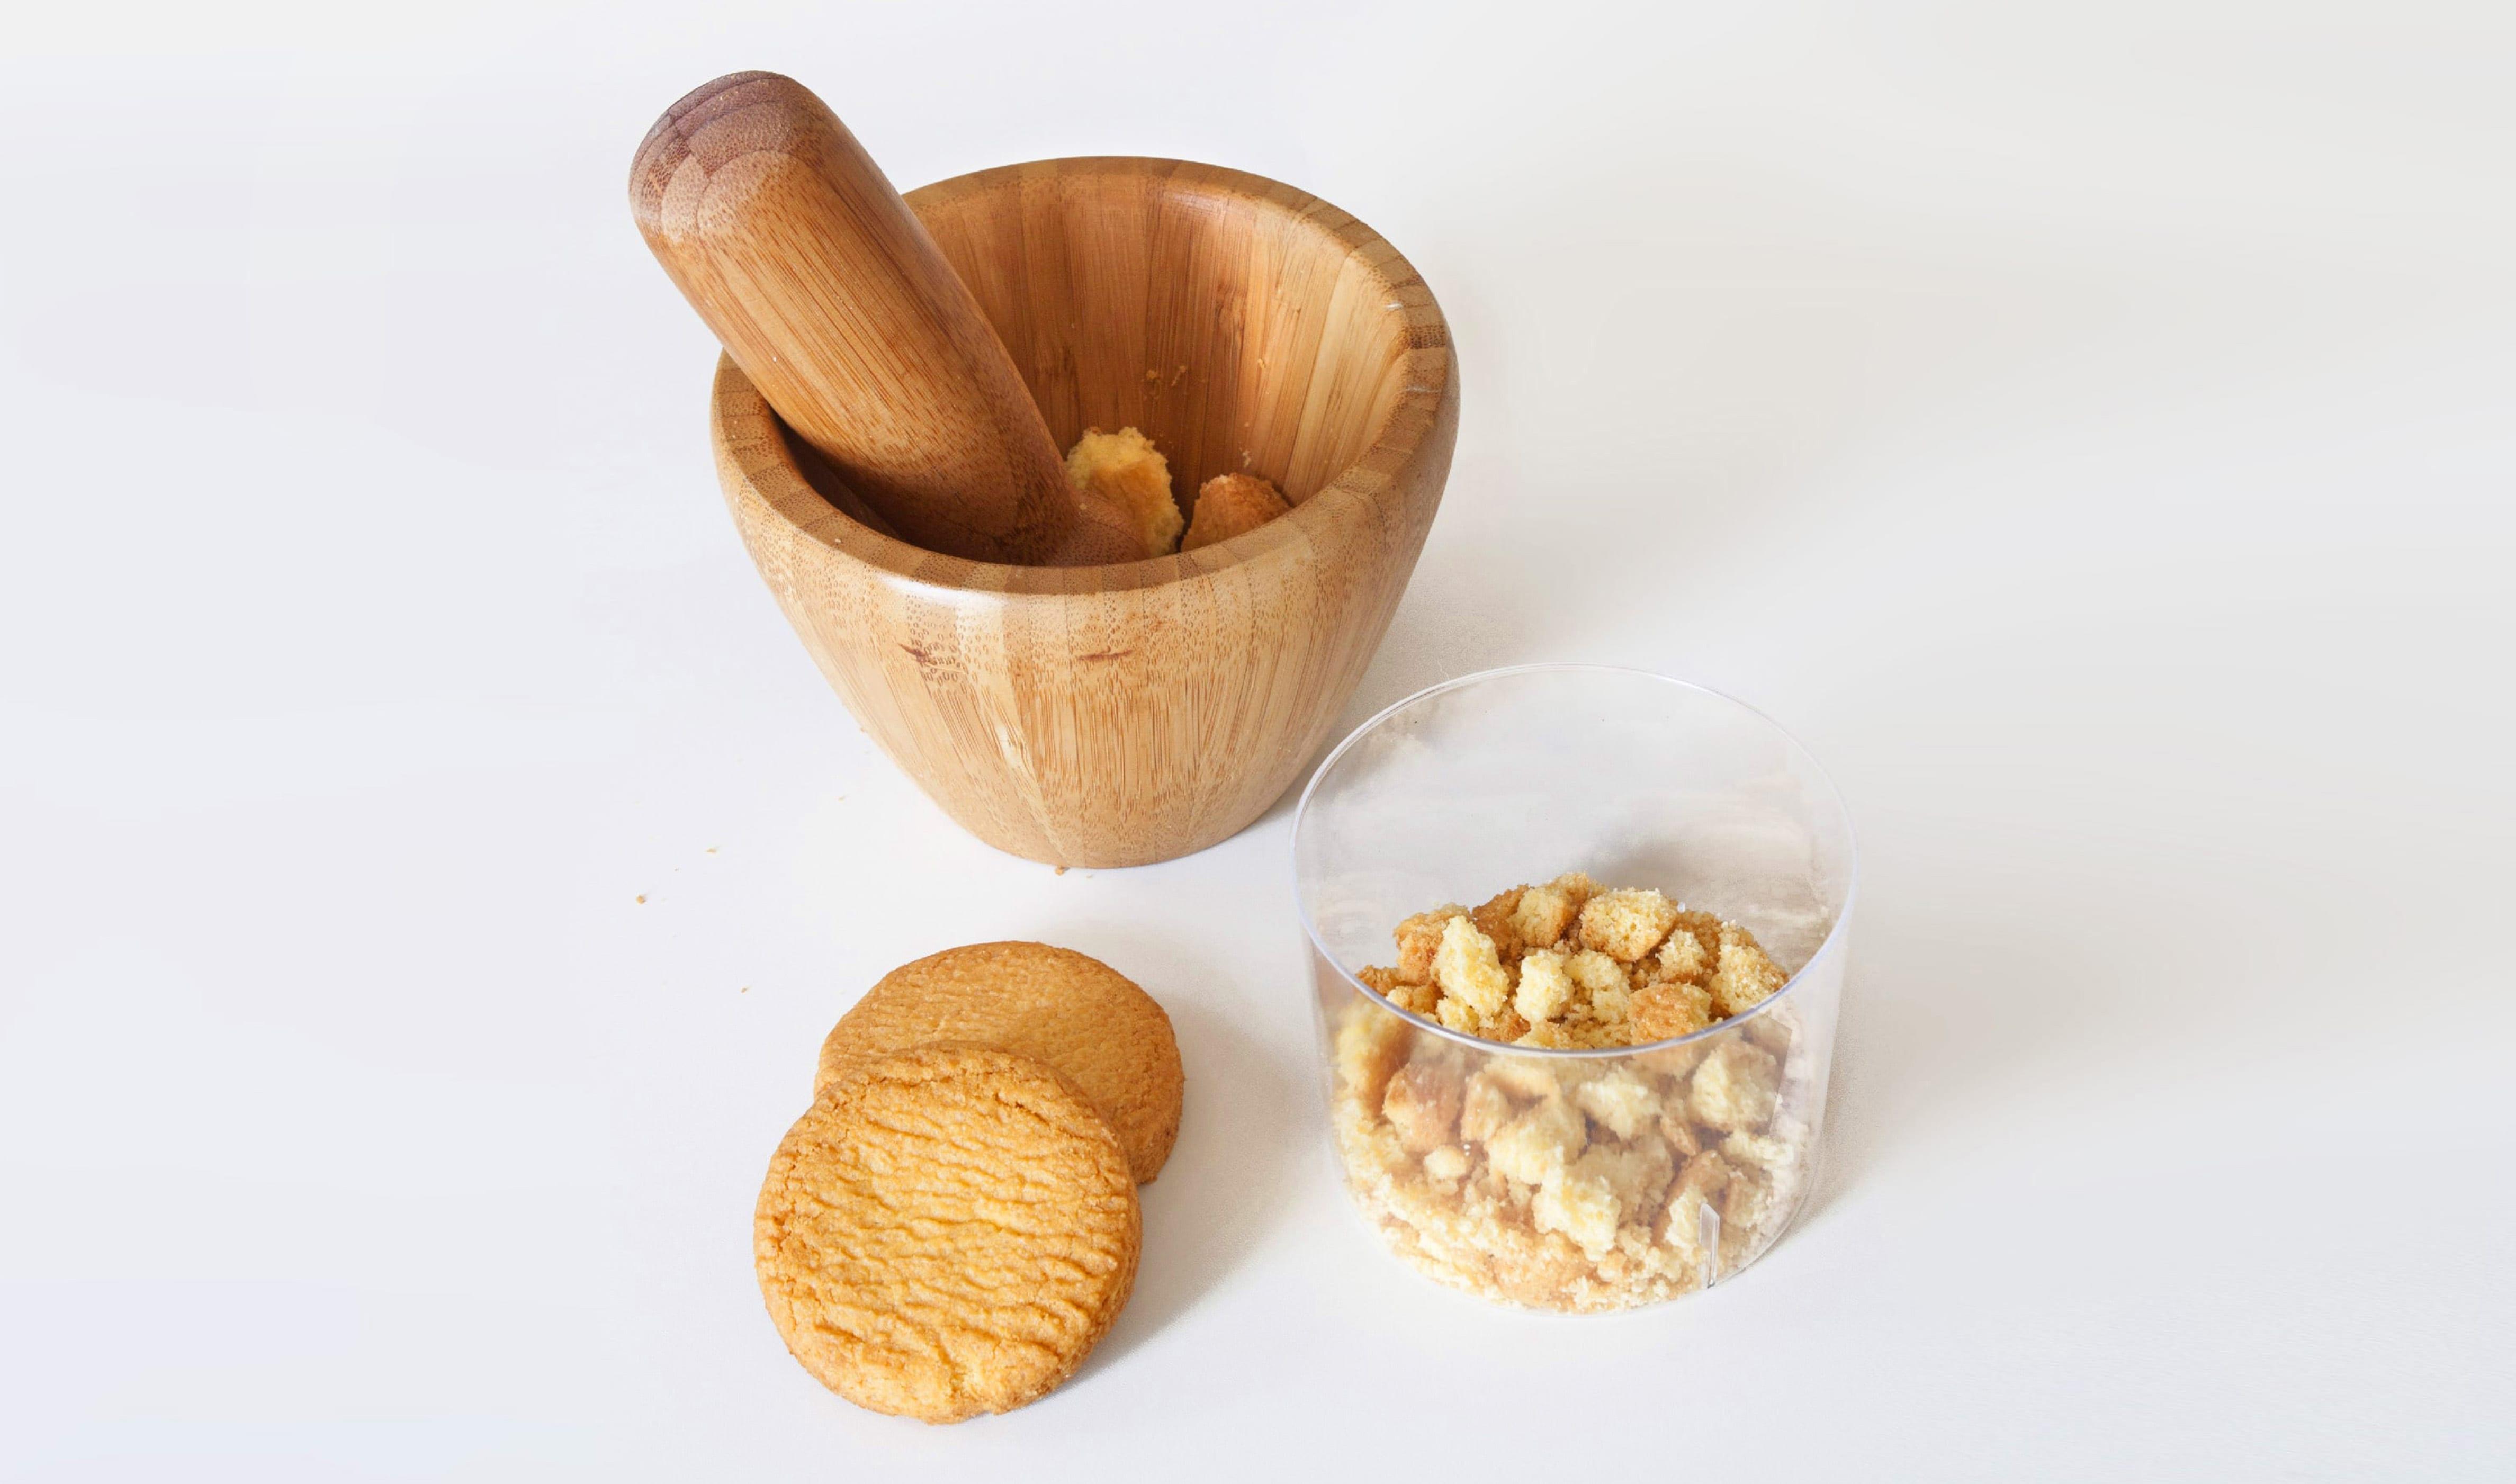 palet-breton-tarte-citron-meringuee-recette-agathe-duchesne-blog-bordeaux-rennes-agatwe